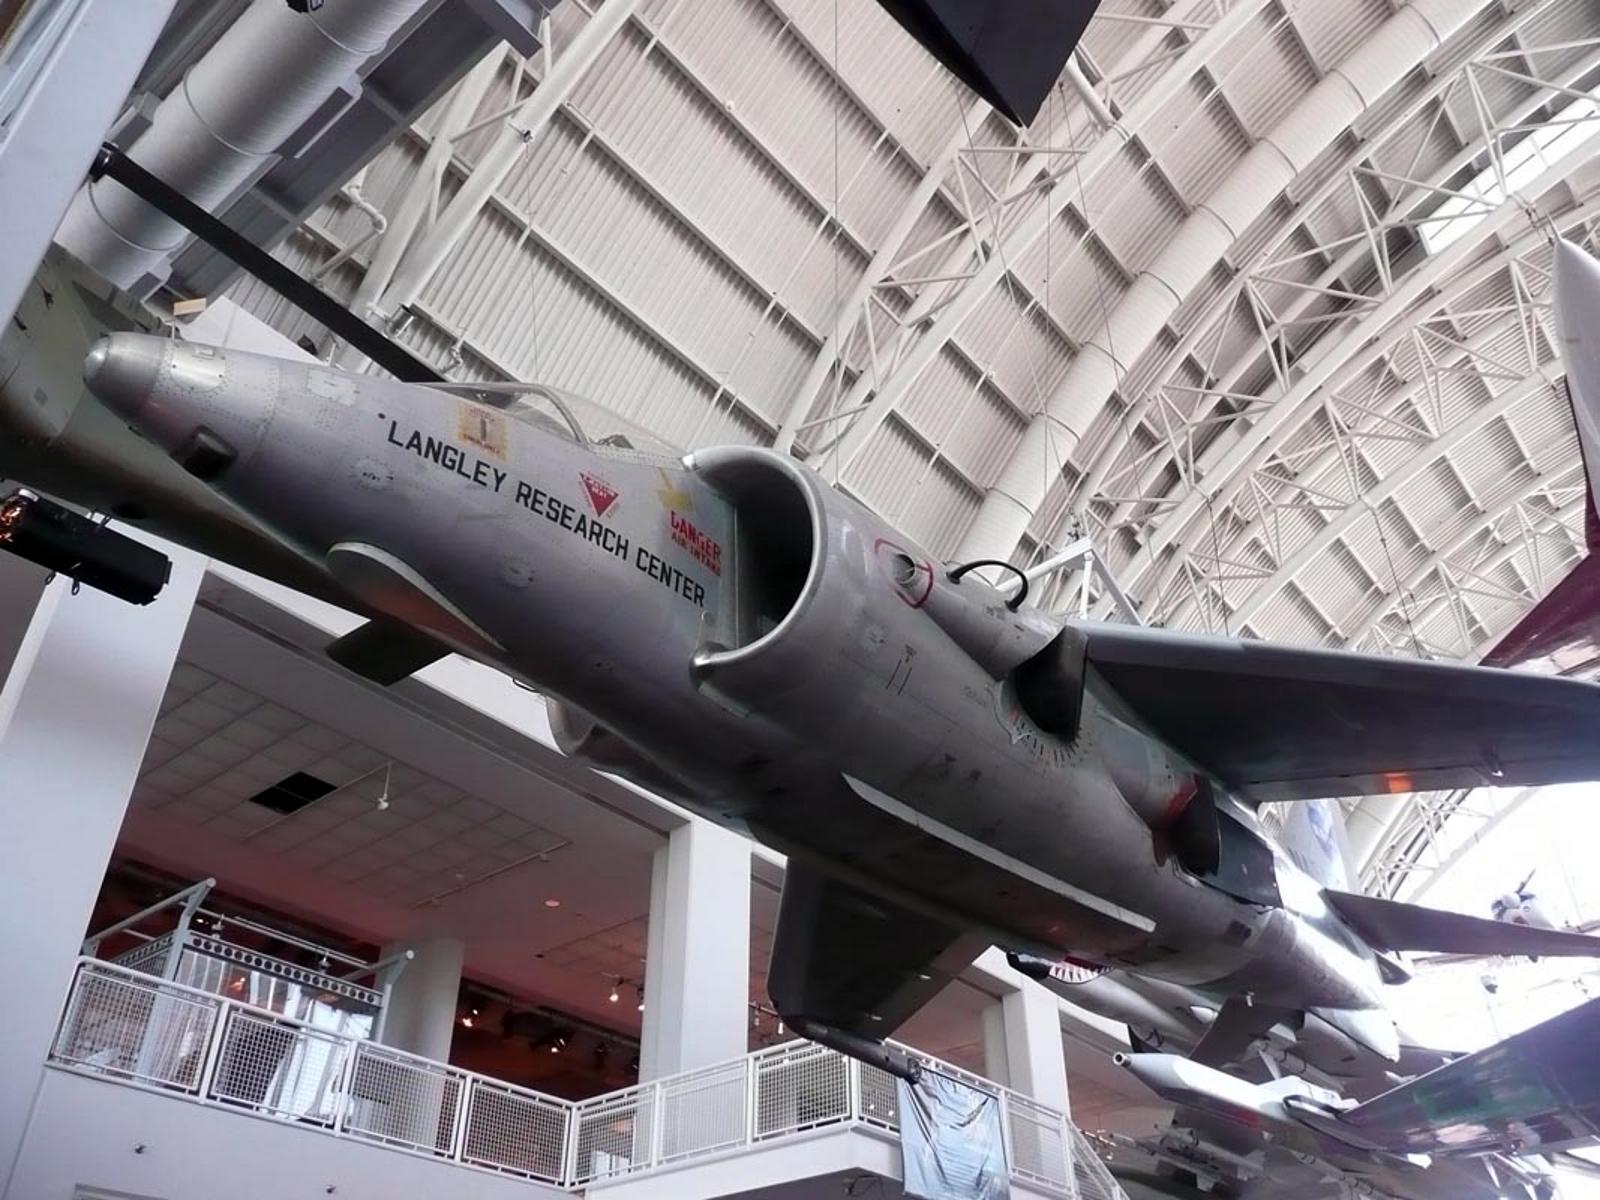 Hawker XV-6A Torenvalk